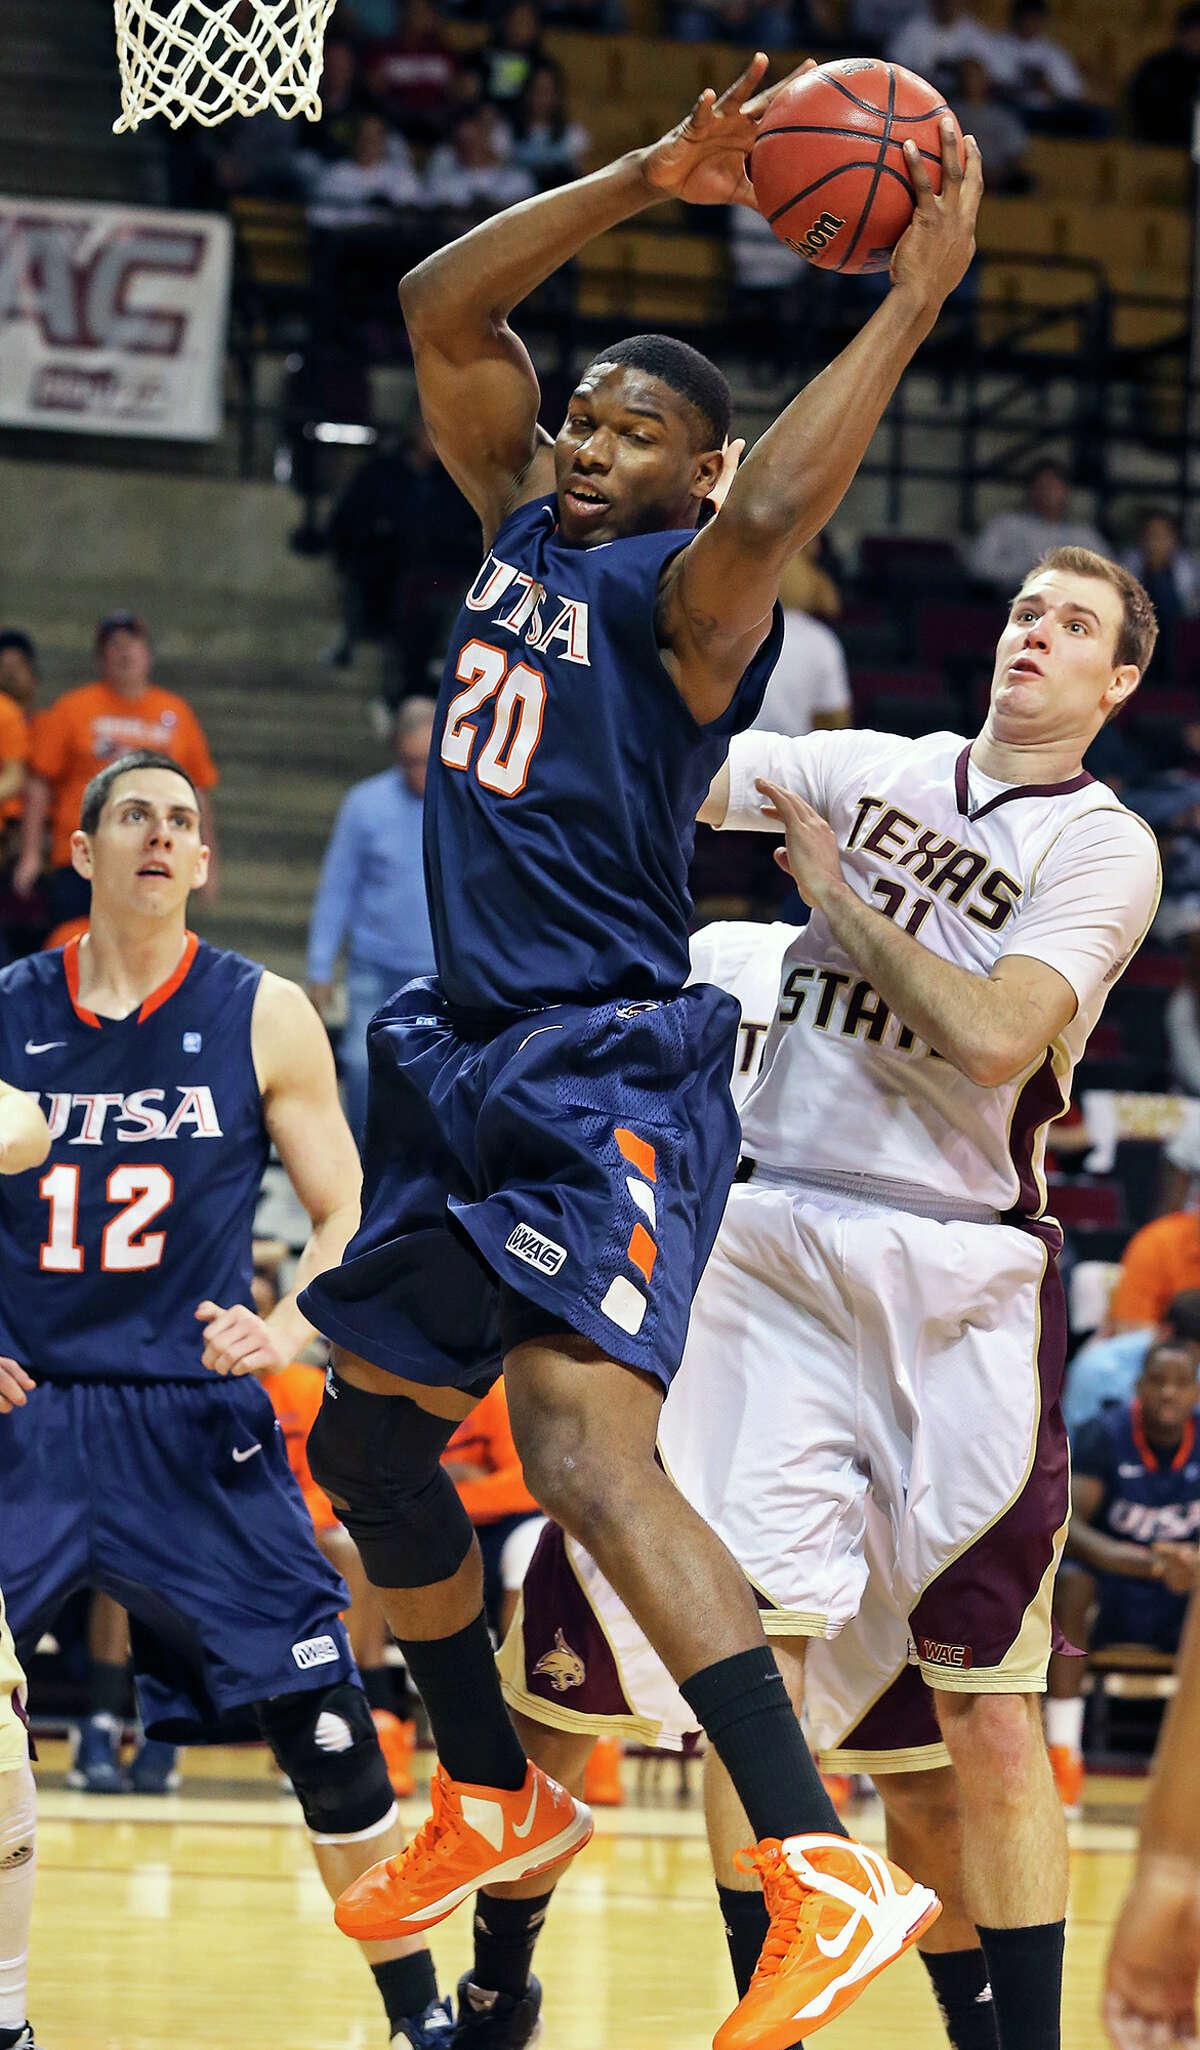 UTSA center Edrico McGregor rips away a rebound in front of Matt Staff as Texas State hosts UTSA in men's basketball at Strahan Coliseum on February 16, 2013.